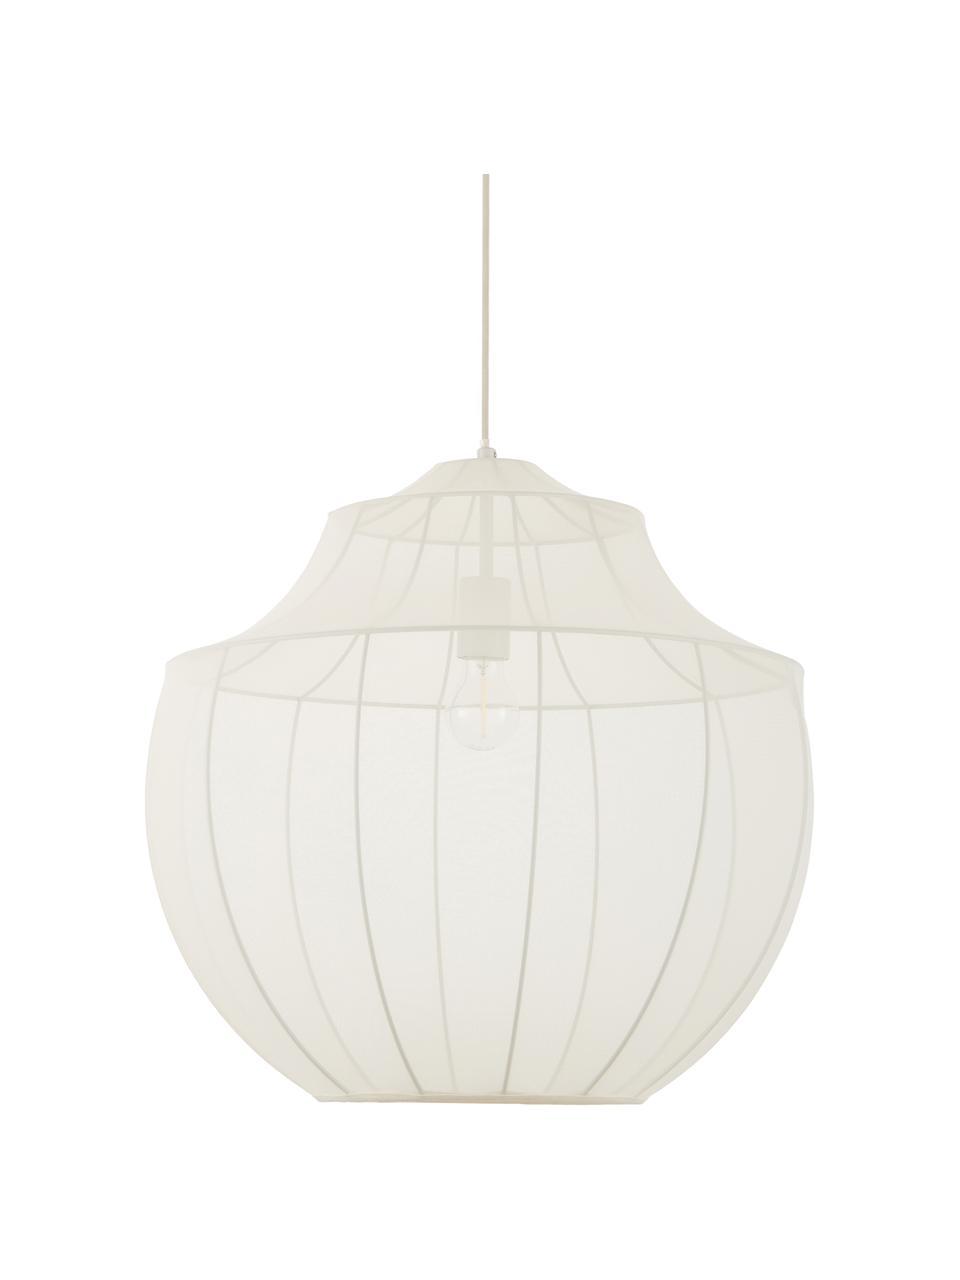 Hanglamp Beau van netstof, Lampenkap: textiel, Baldakijn: gepoedercoat metaal, Crèmekleurig, Ø 55  x H 52 cm